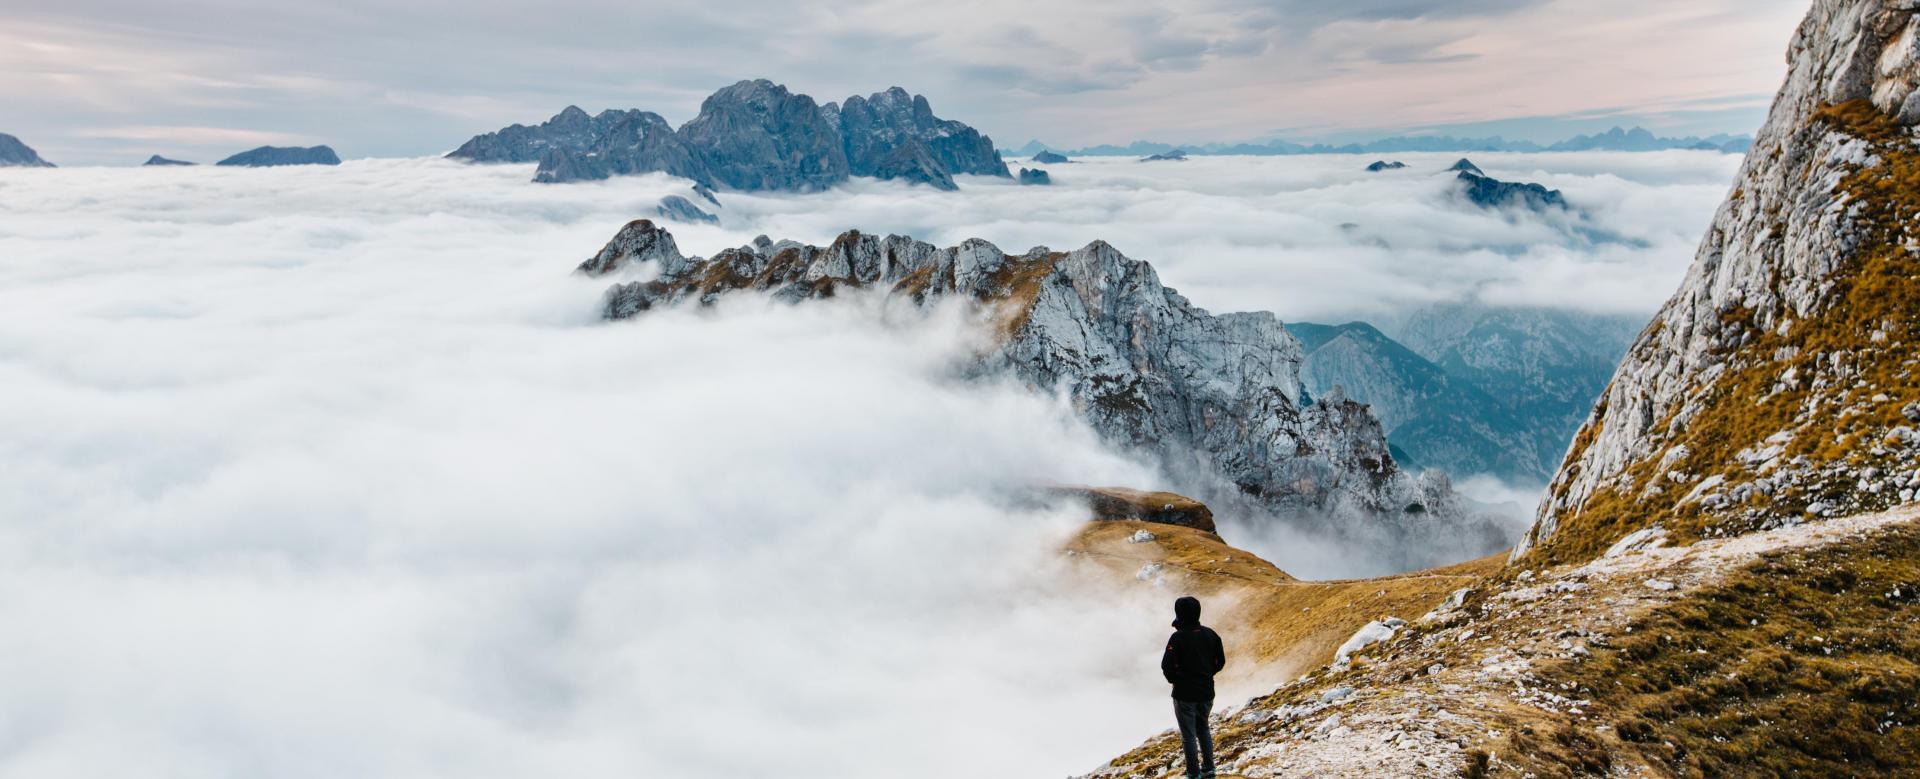 Voyage à pied Slovénie : Les sentiers du triglav